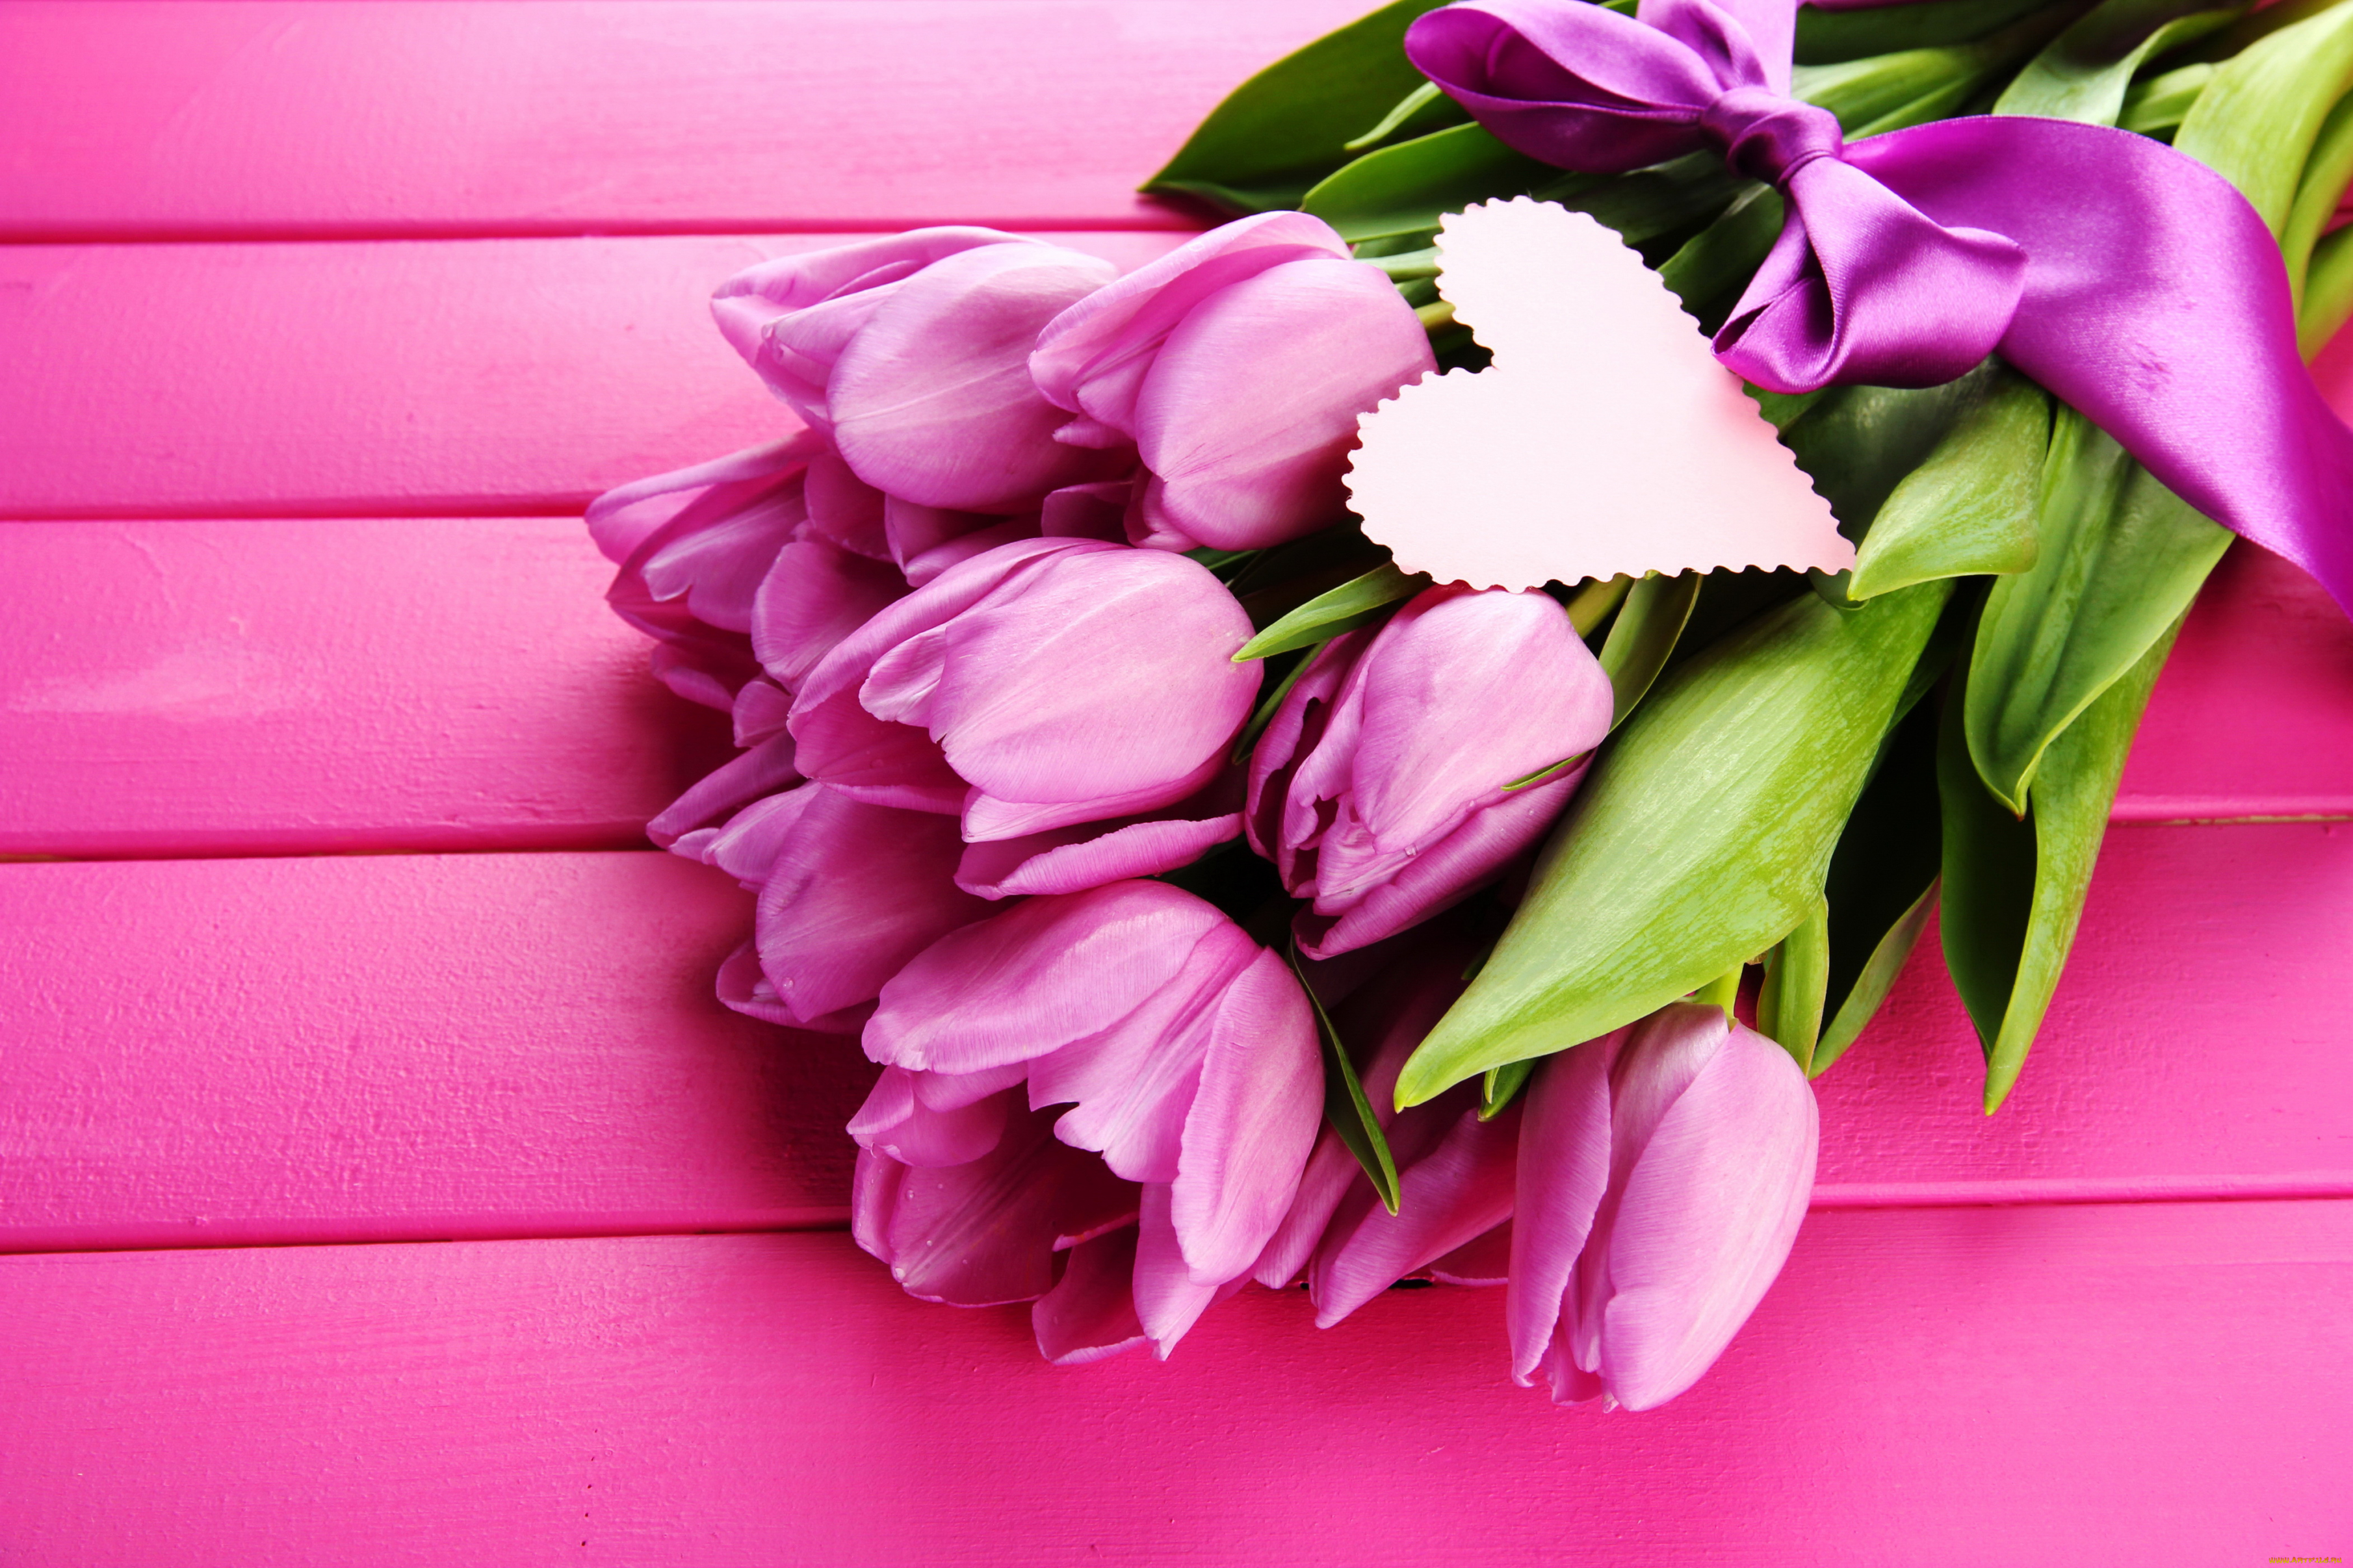 tulip-photo-72